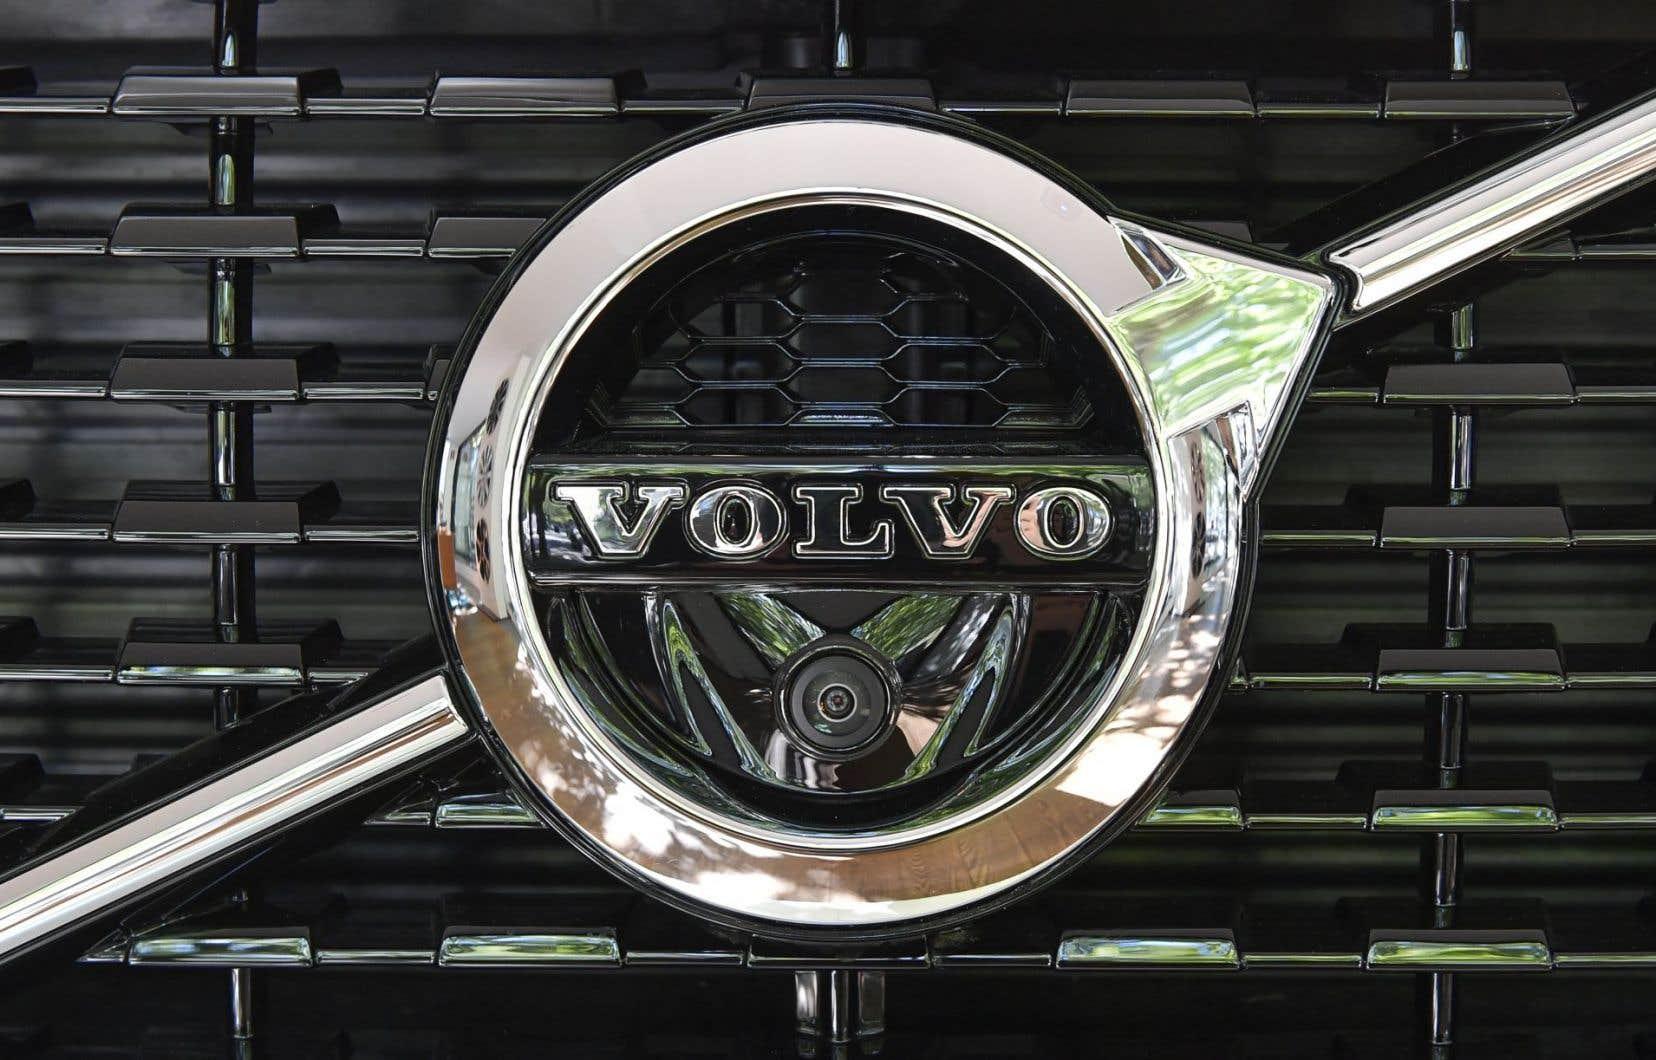 <p>Volvo ambitionne de son côté d'écouler un million de voitures électriques avant 2025, date à laquelle il souhaite que ses opérations de production deviennent <em>«climatiquement neutres».</em></p>